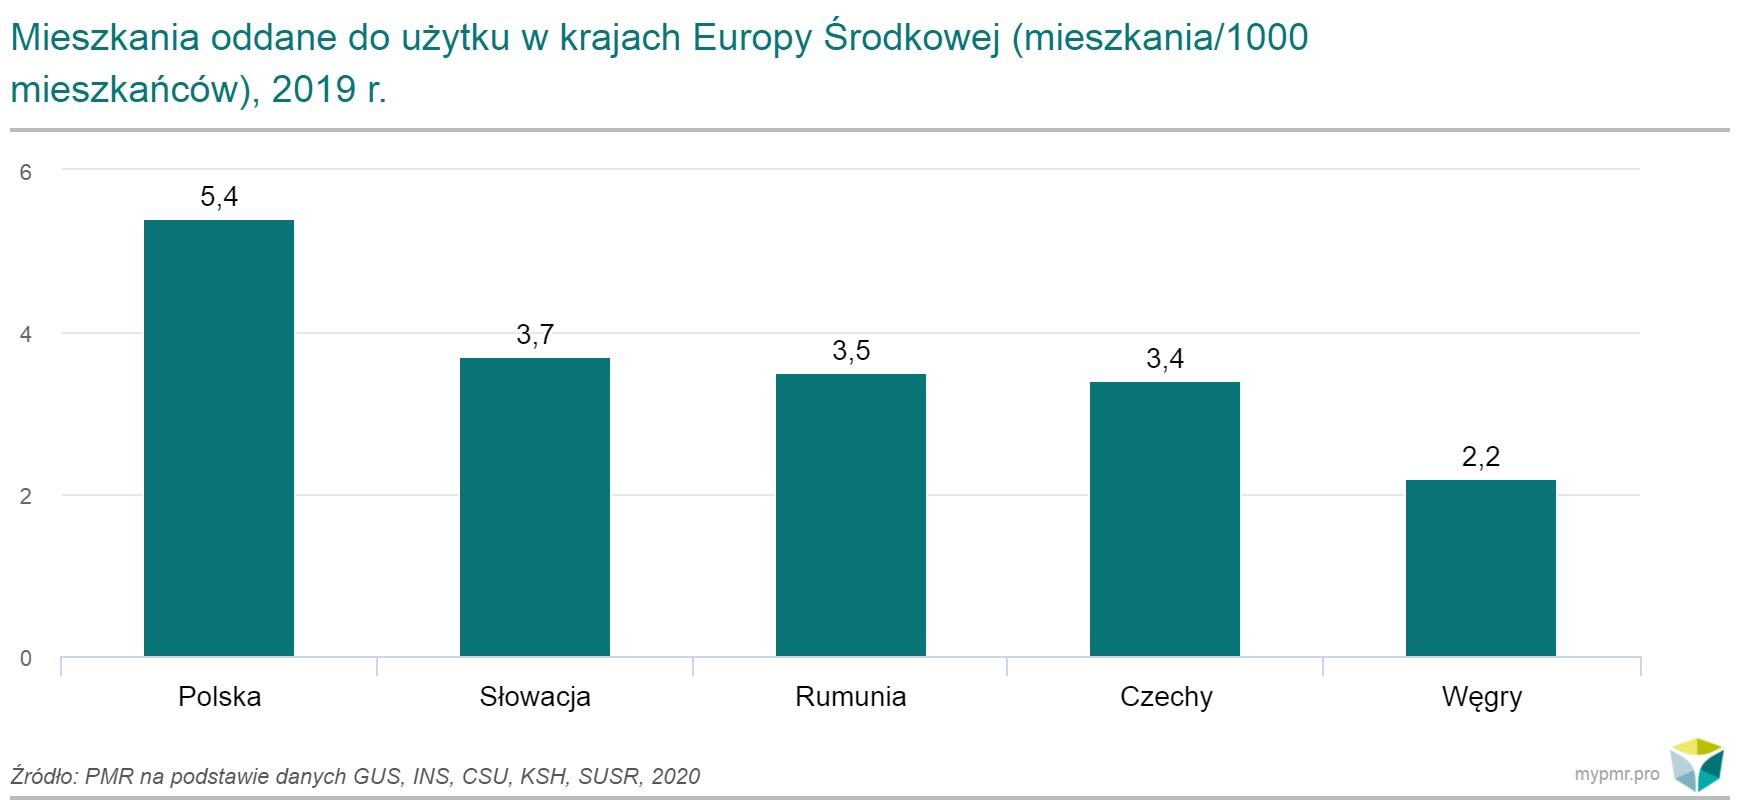 Budownictwo w Europie Środkowej z wieloletnimi, pozytywnymi wynikami przed wybuchem koronawirusa